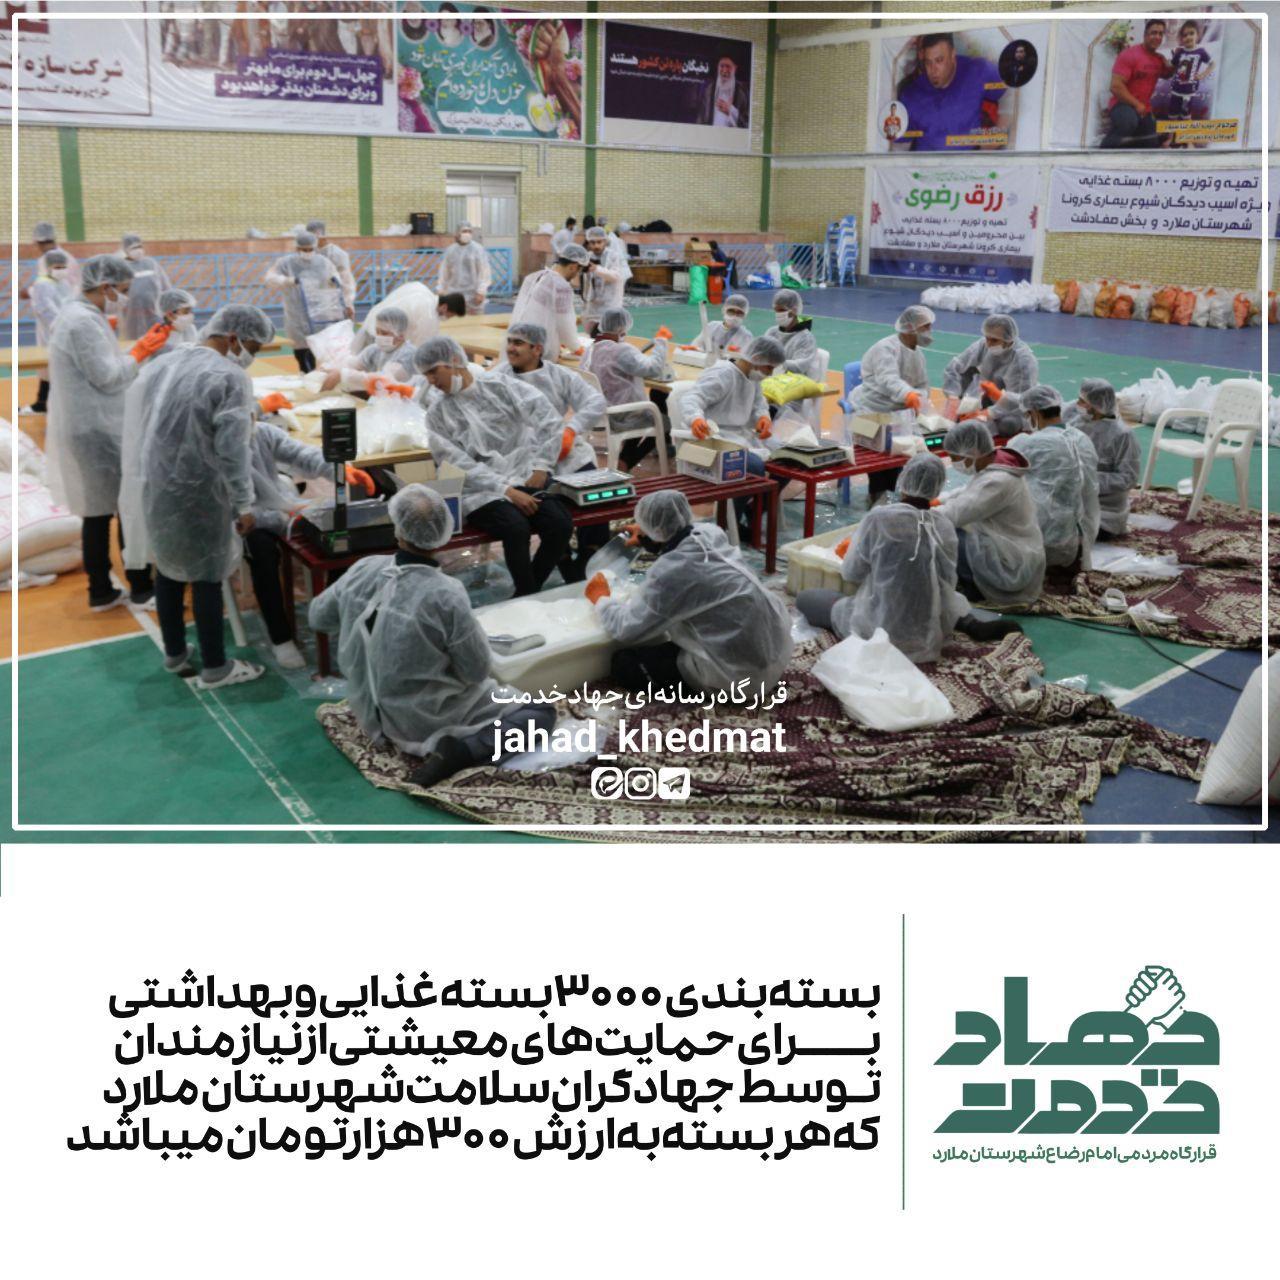 قرارگاه جهادی امام رضا (ع) پیشگام در خدمت / توزیع بستههای بهداشتی و معیشتی در استان تهران